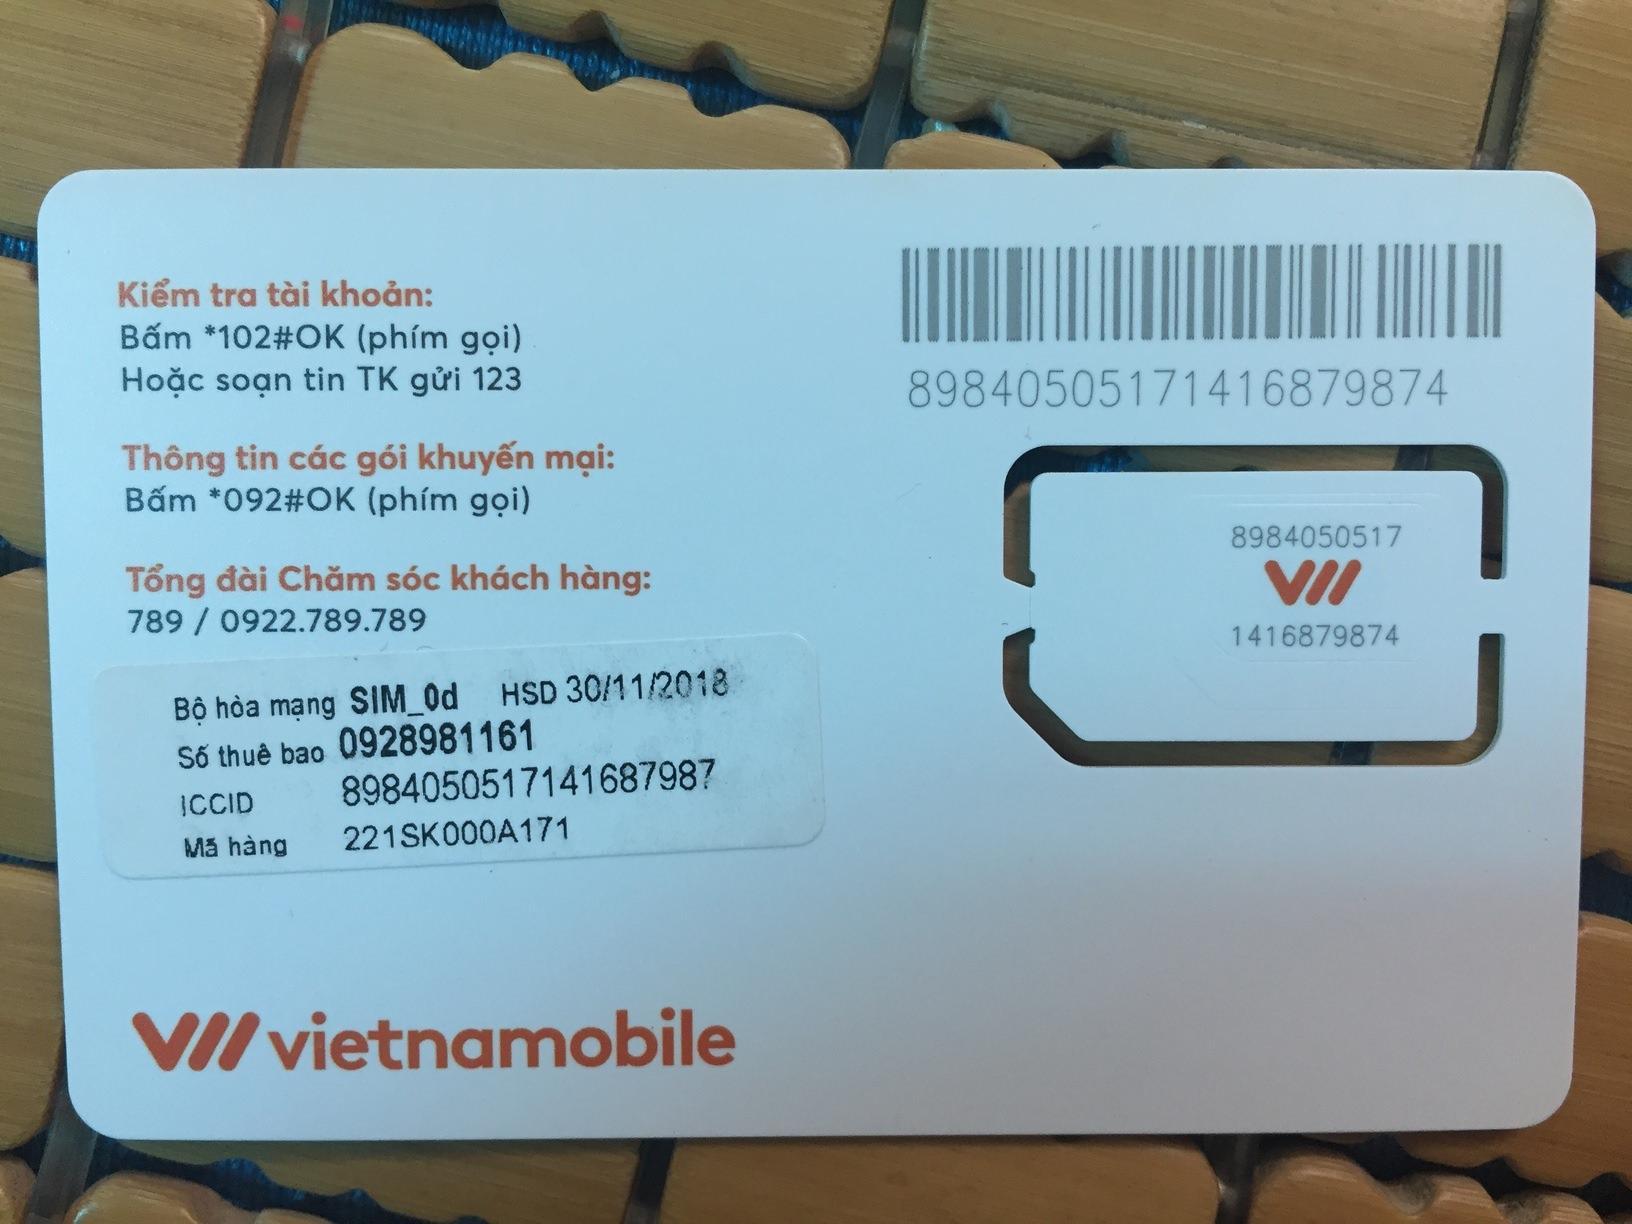 Giá Bán Sim Phong Thủy Sim Số Đẹp Sim Ngay Sinh Vietnammobile Tốt Nhất